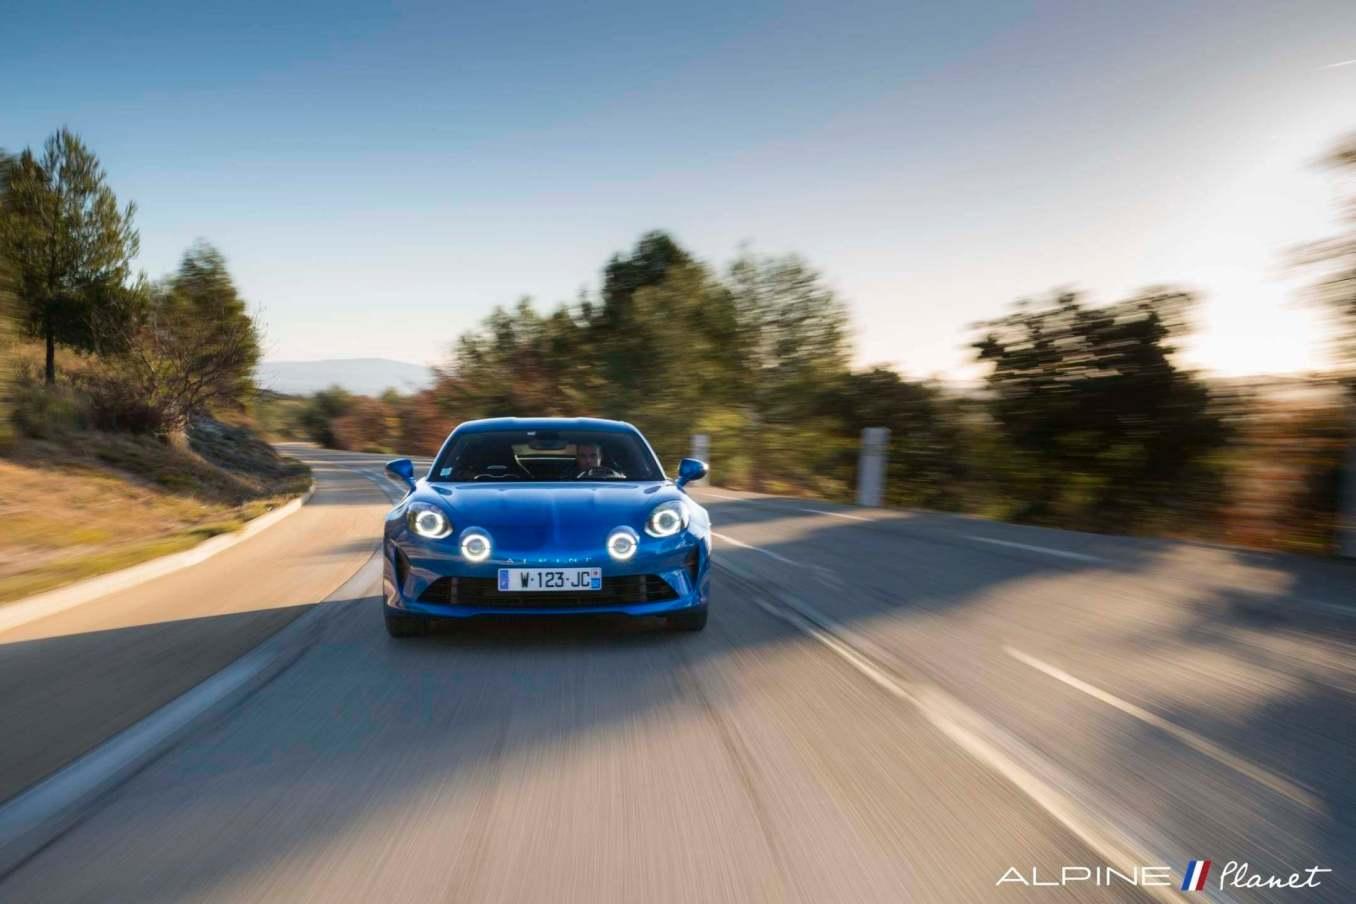 Alpine planet drive A110 1 | Notre essai de la nouvelle Alpine A110 sur route !